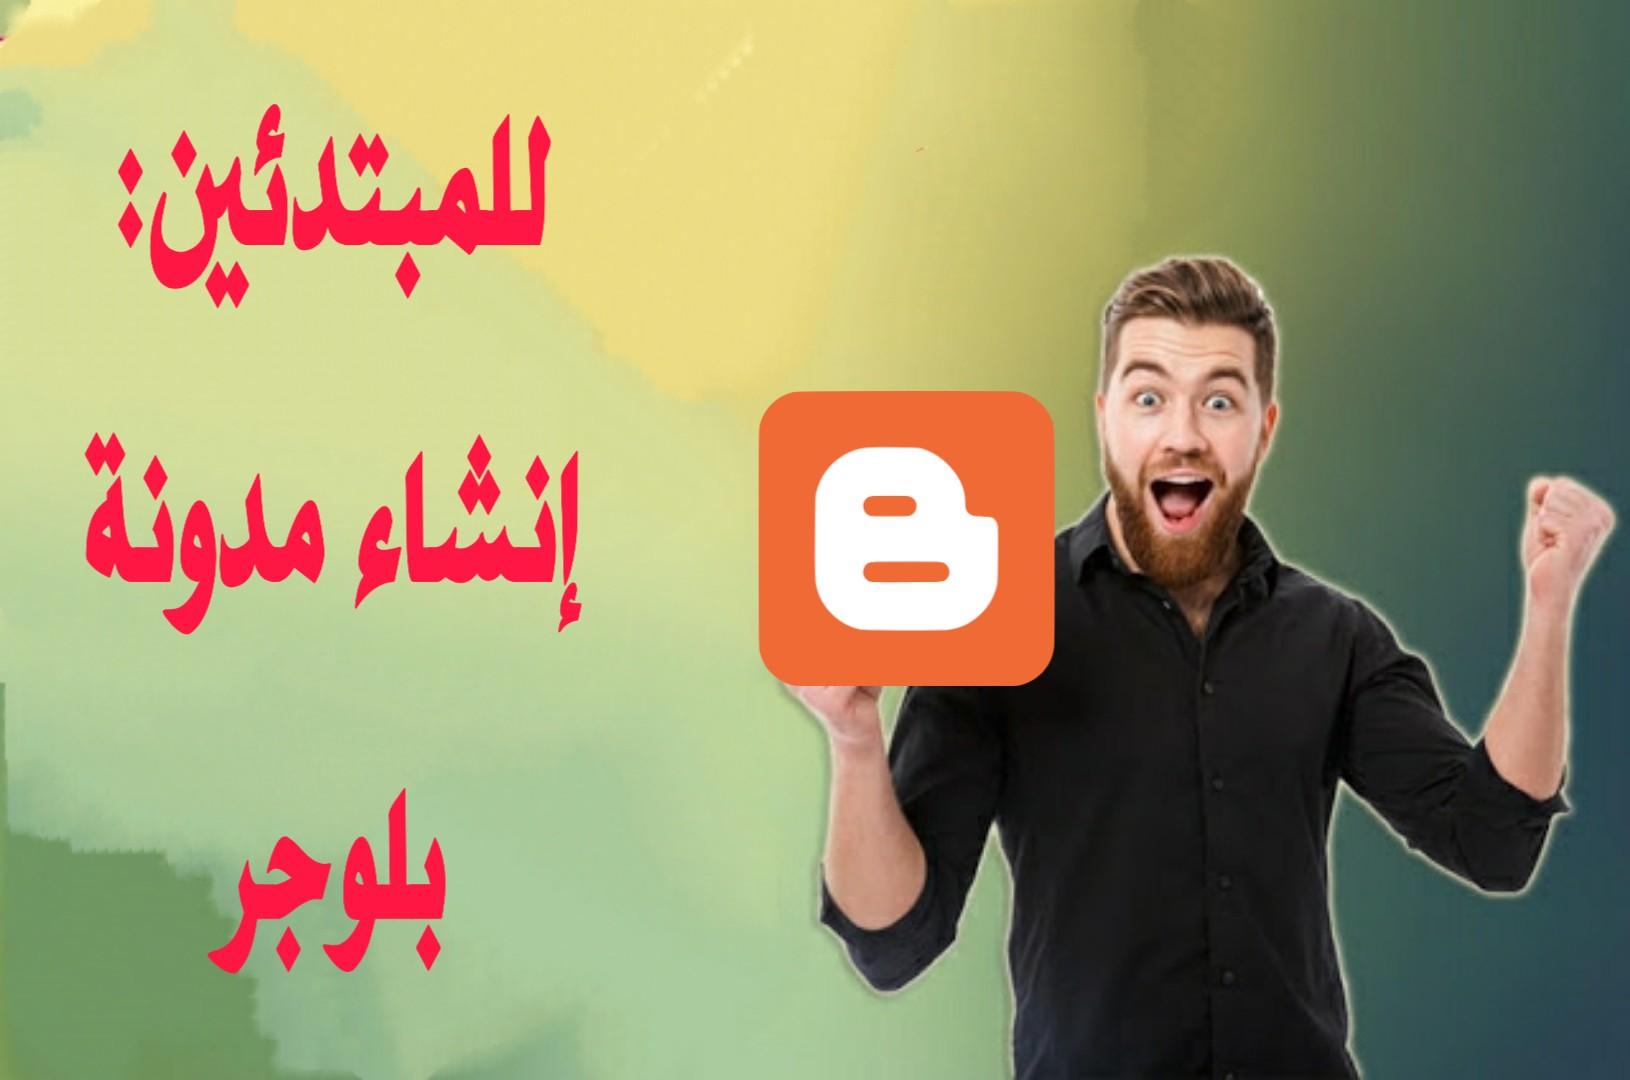 طريقة إنشاء مدونة بلوجر ربحية أو موقع بلوجر Blogger مجانا بالتفصيل الممل